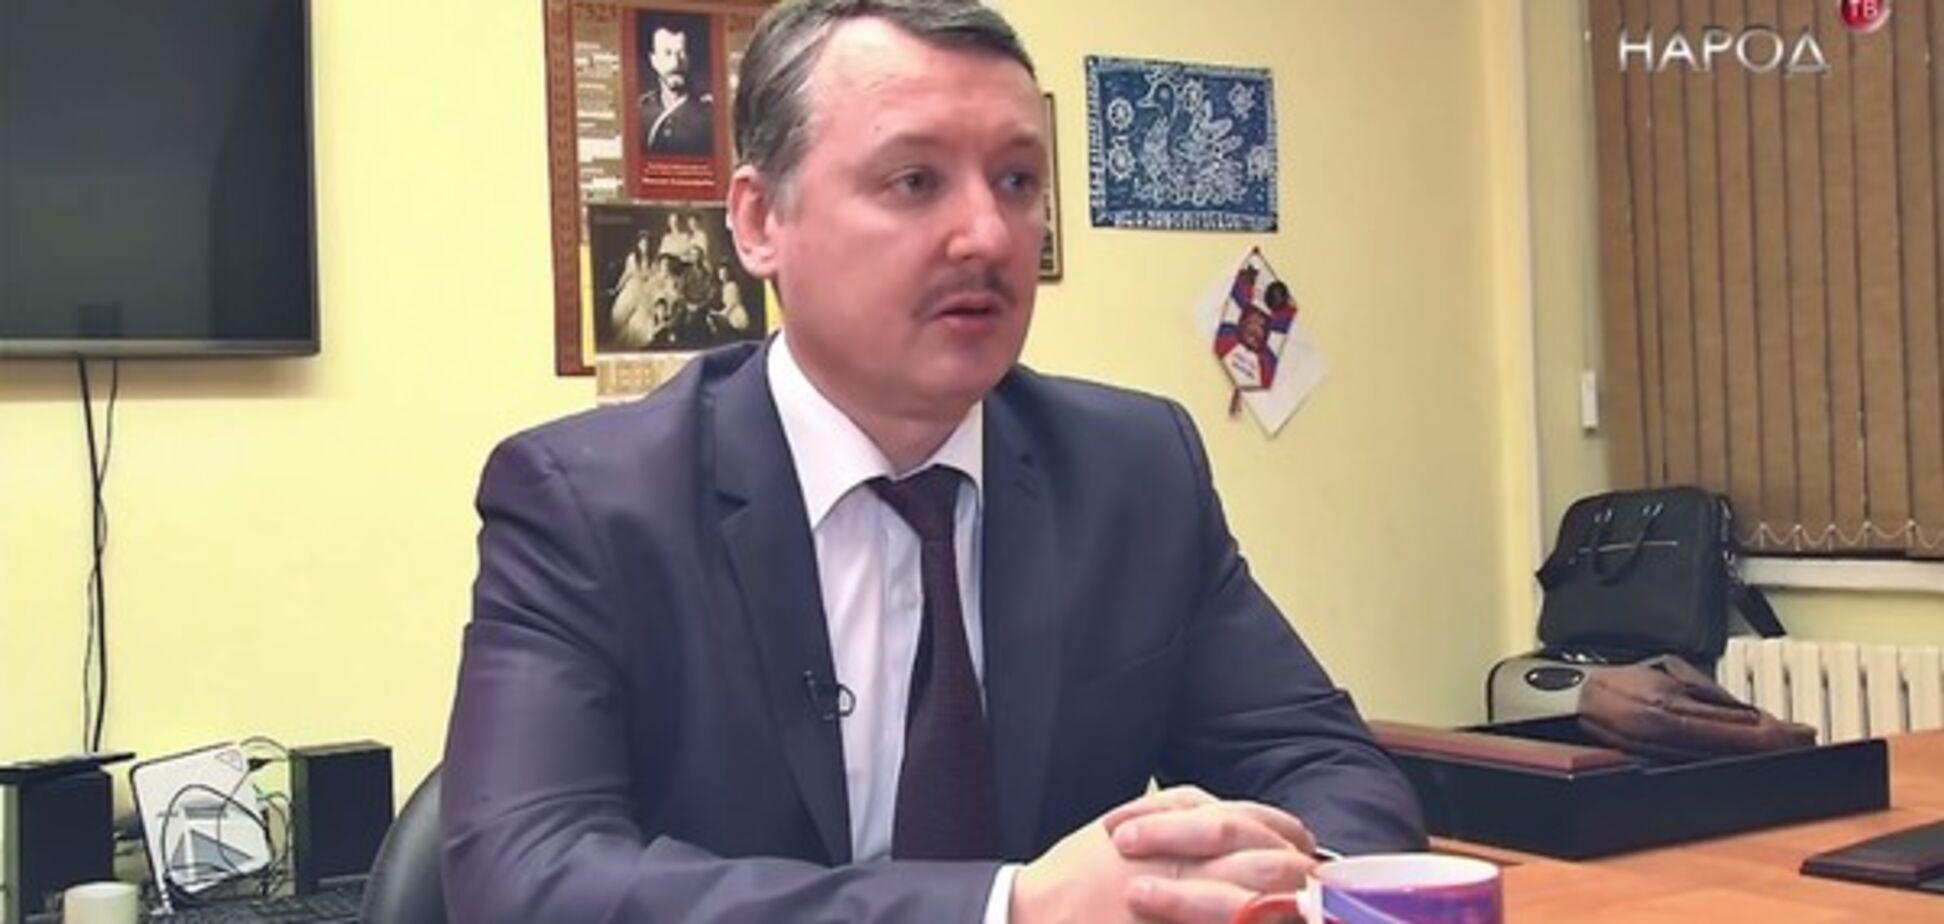 Исчезнут за сутки: Гиркин озвучил для 'Л/ДНР' печальный сценарий